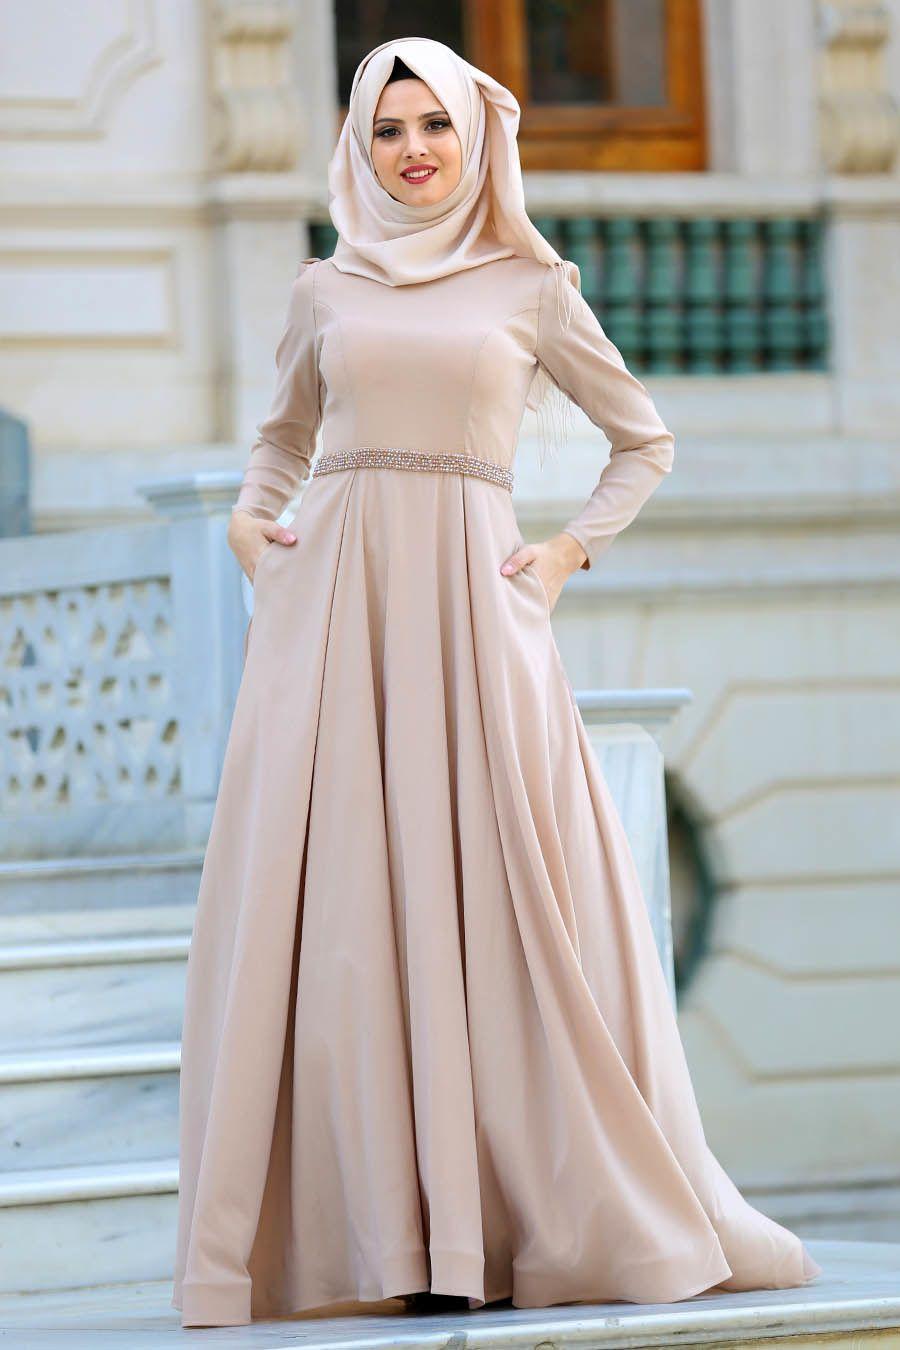 Tuay Beli Boncuklu Bej Tafta Tesettur Abiye Elbise 2251bej Tesetturisland Com The Dress Aksamustu Giysileri Elbise